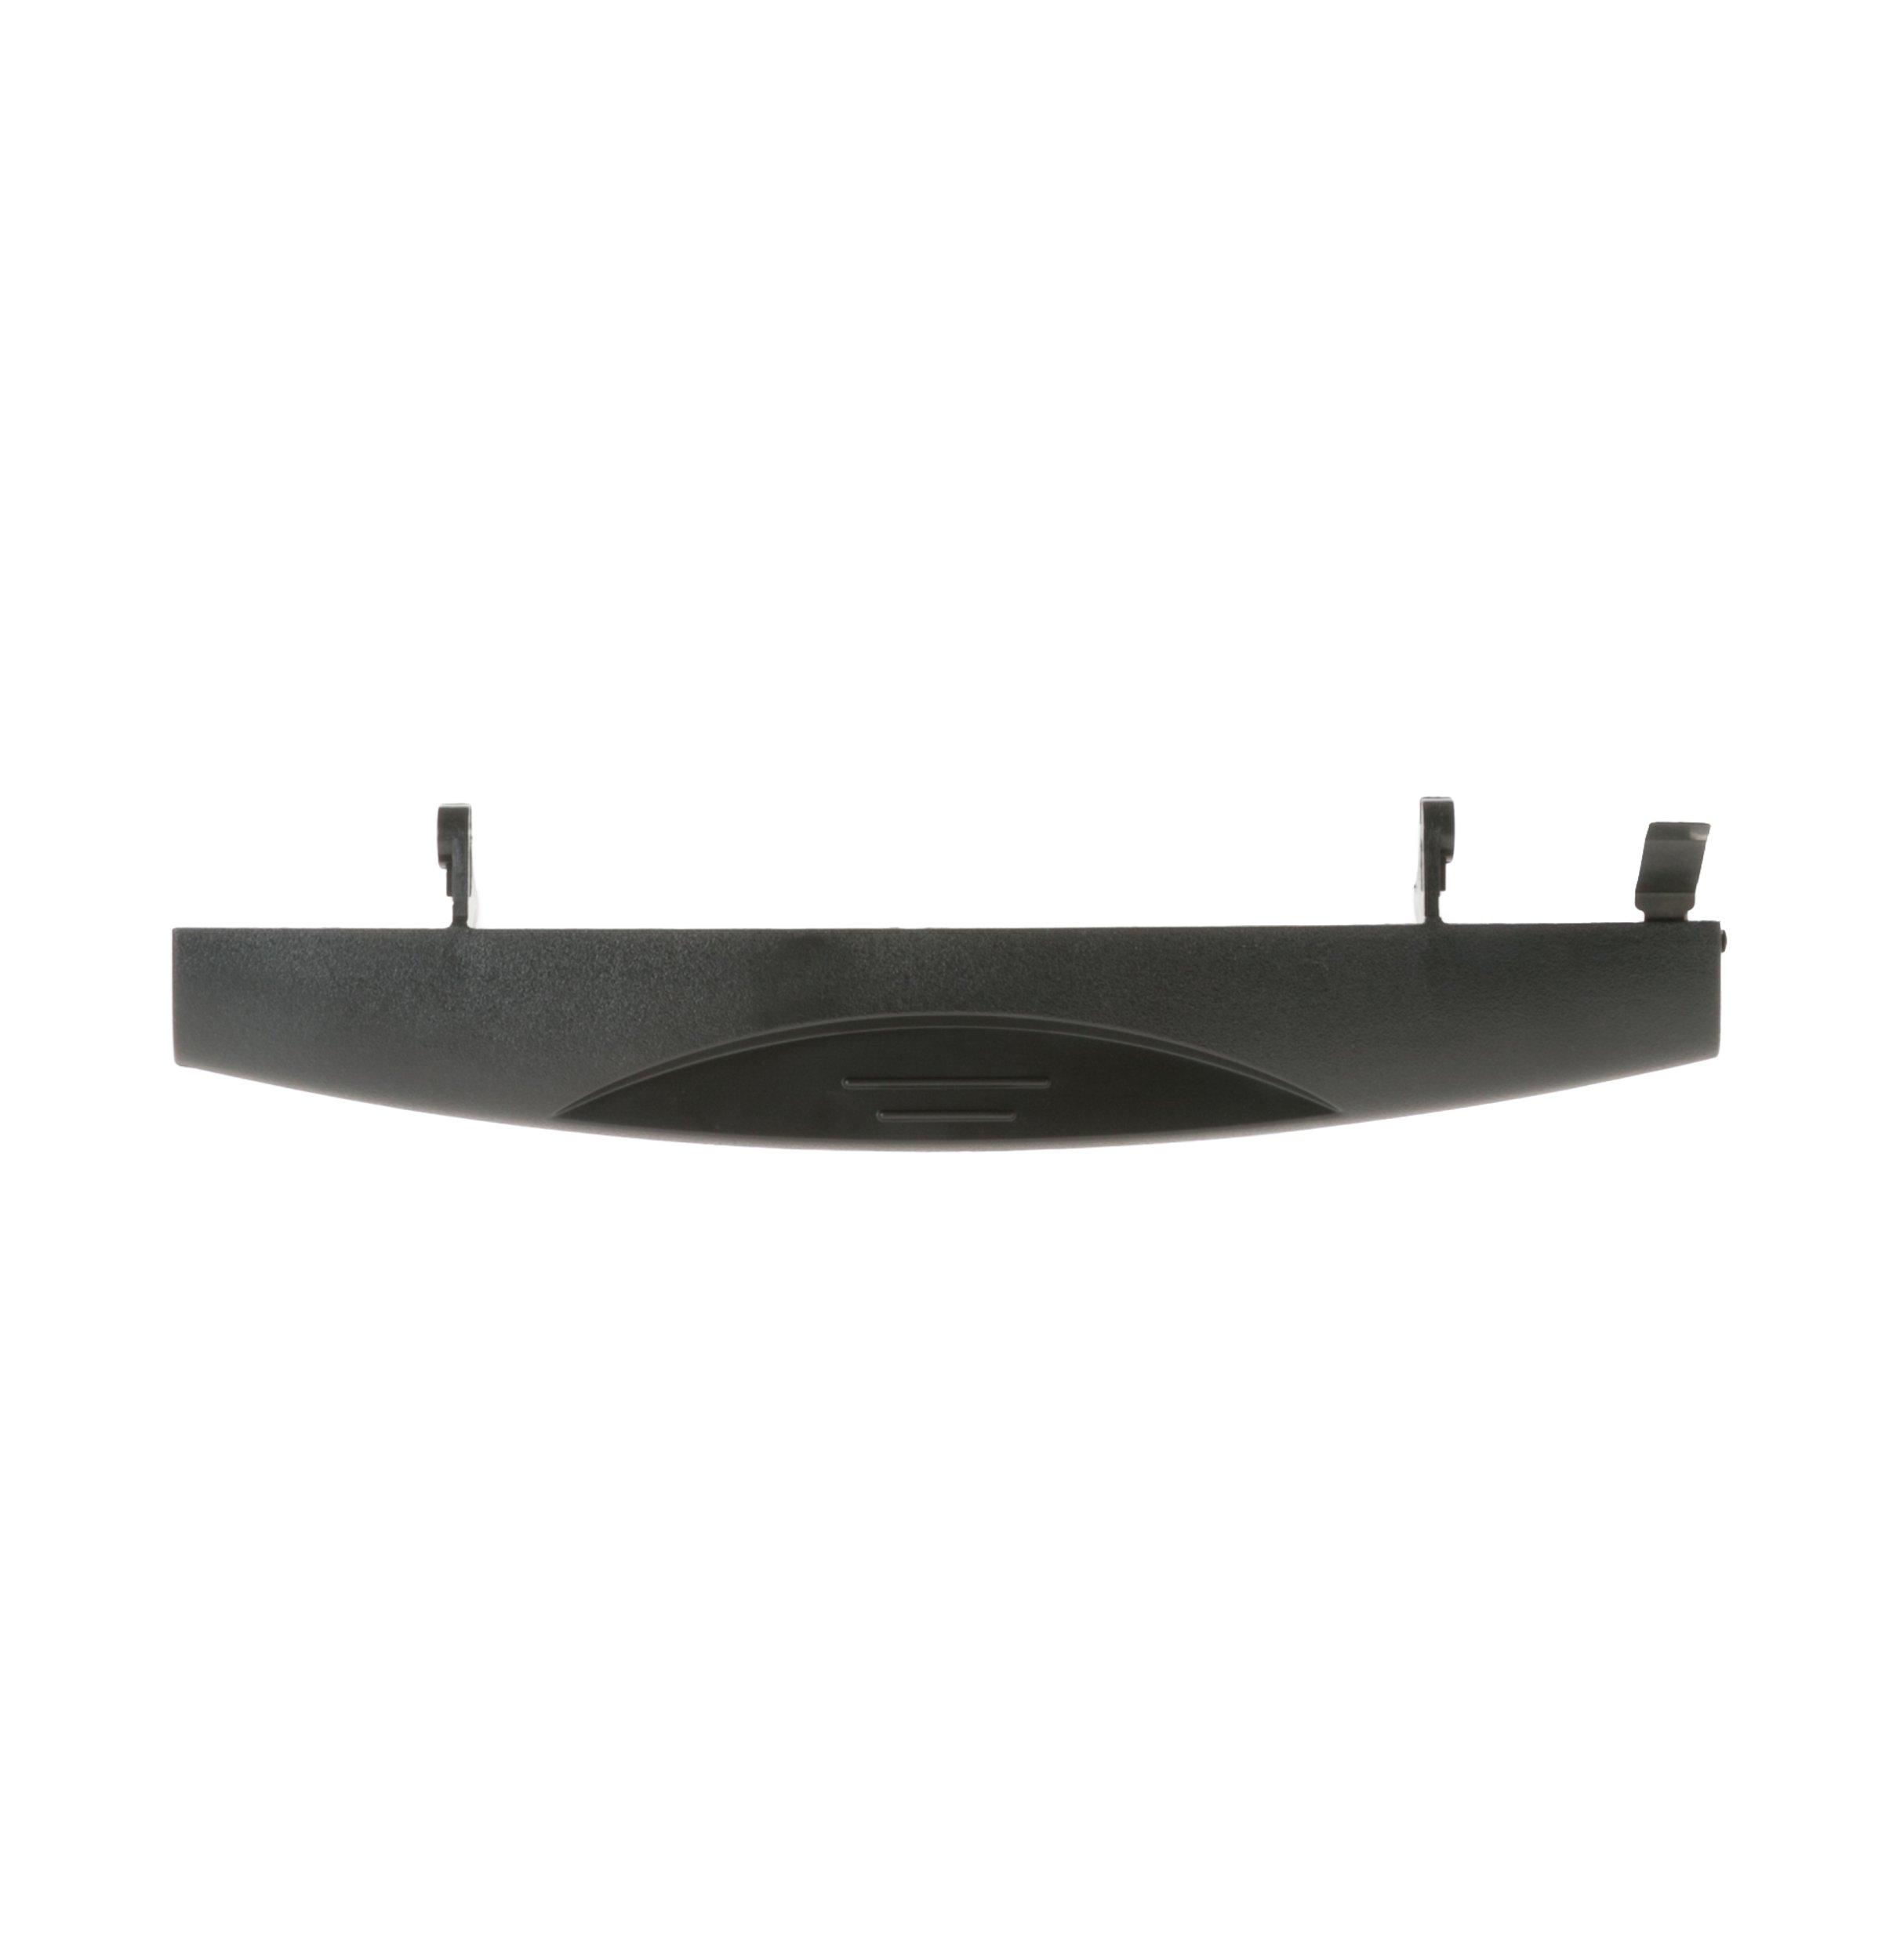 WC17X10014 Black Foot Pedal for GE 1168206 AH1019690 EA1019690 PS1019690 Genuine OEM